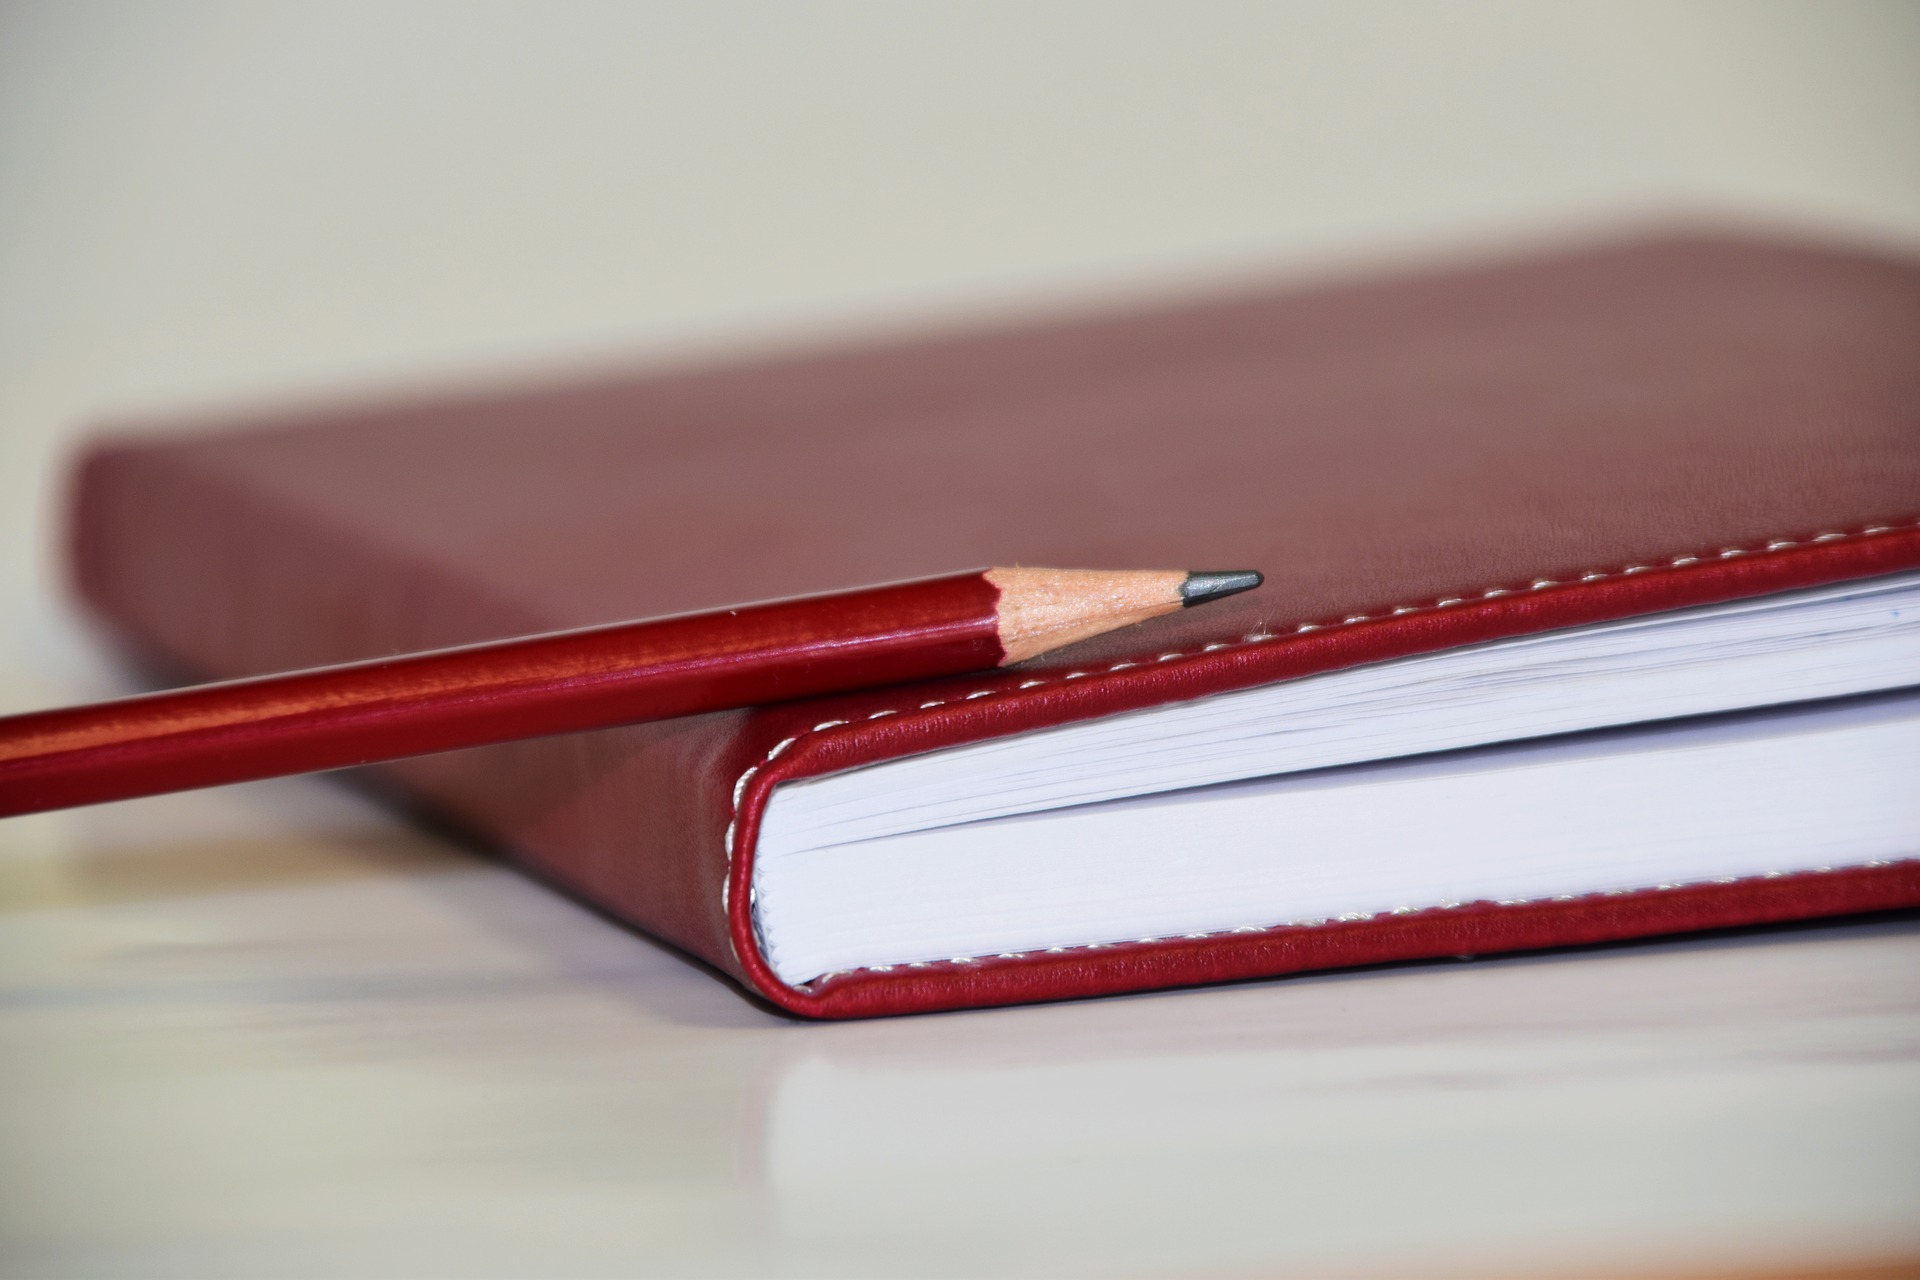 日記ブログ記事のタイトルや見出しは気にするべき?